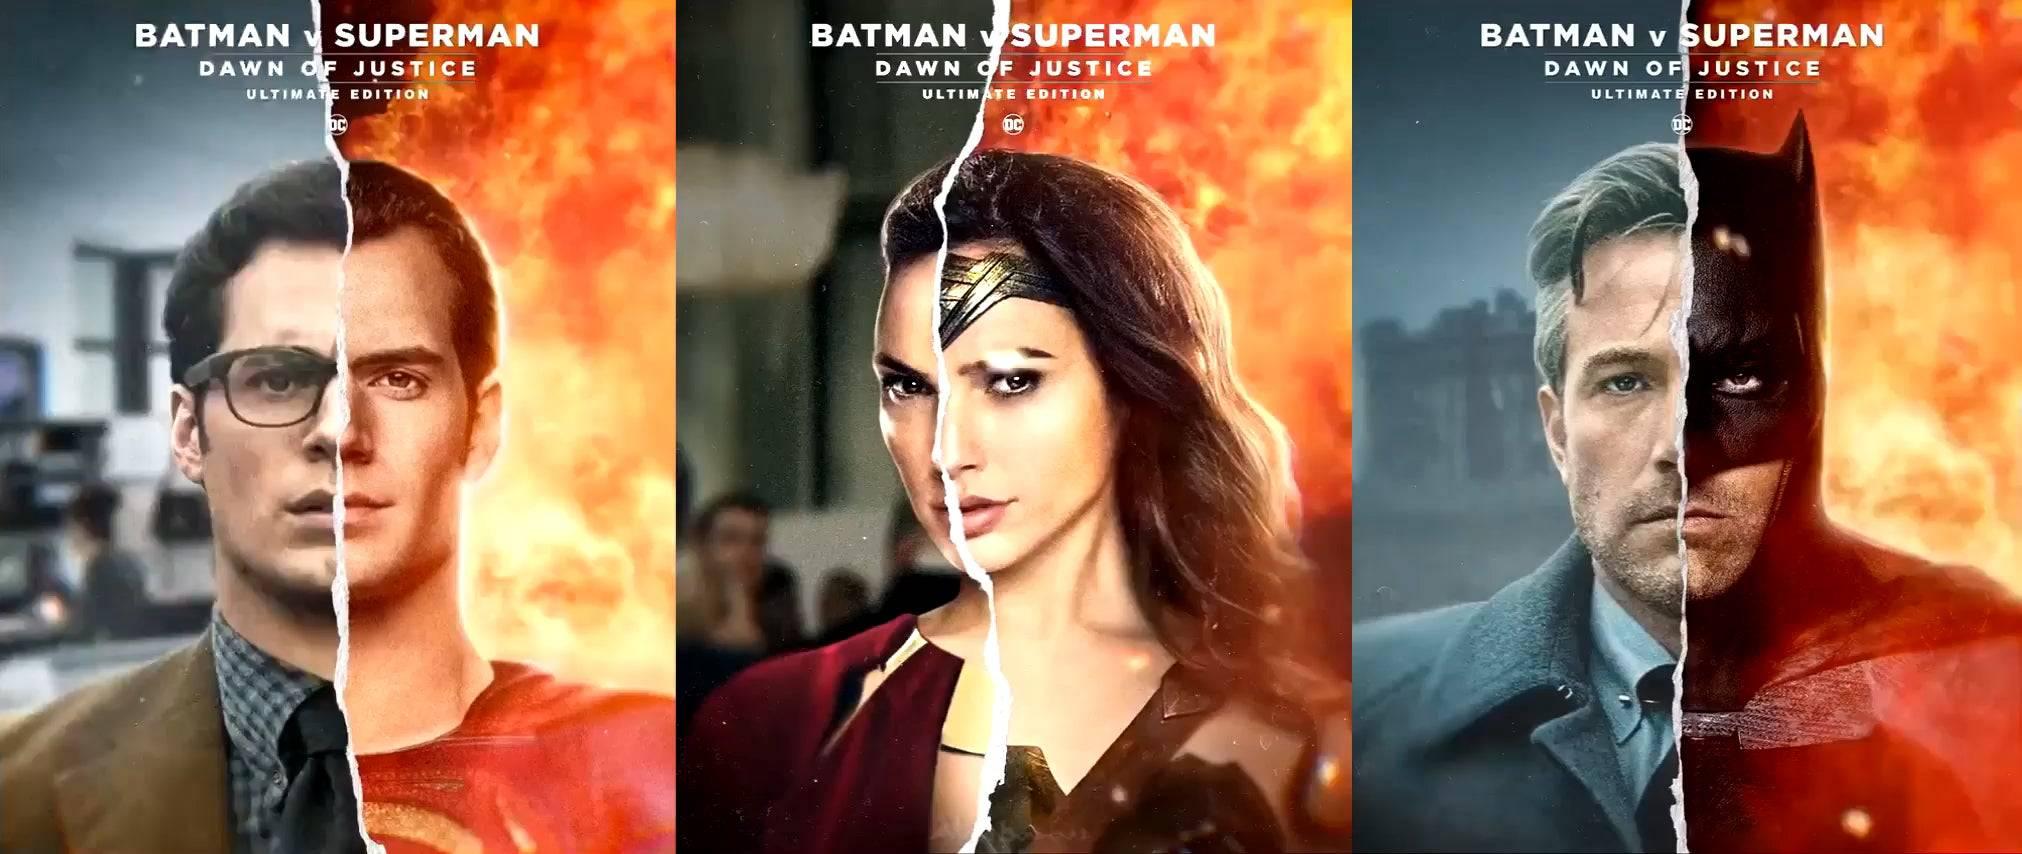 《蝙蝠侠大战超人》重制版新动态角色海报 画幅画质加强